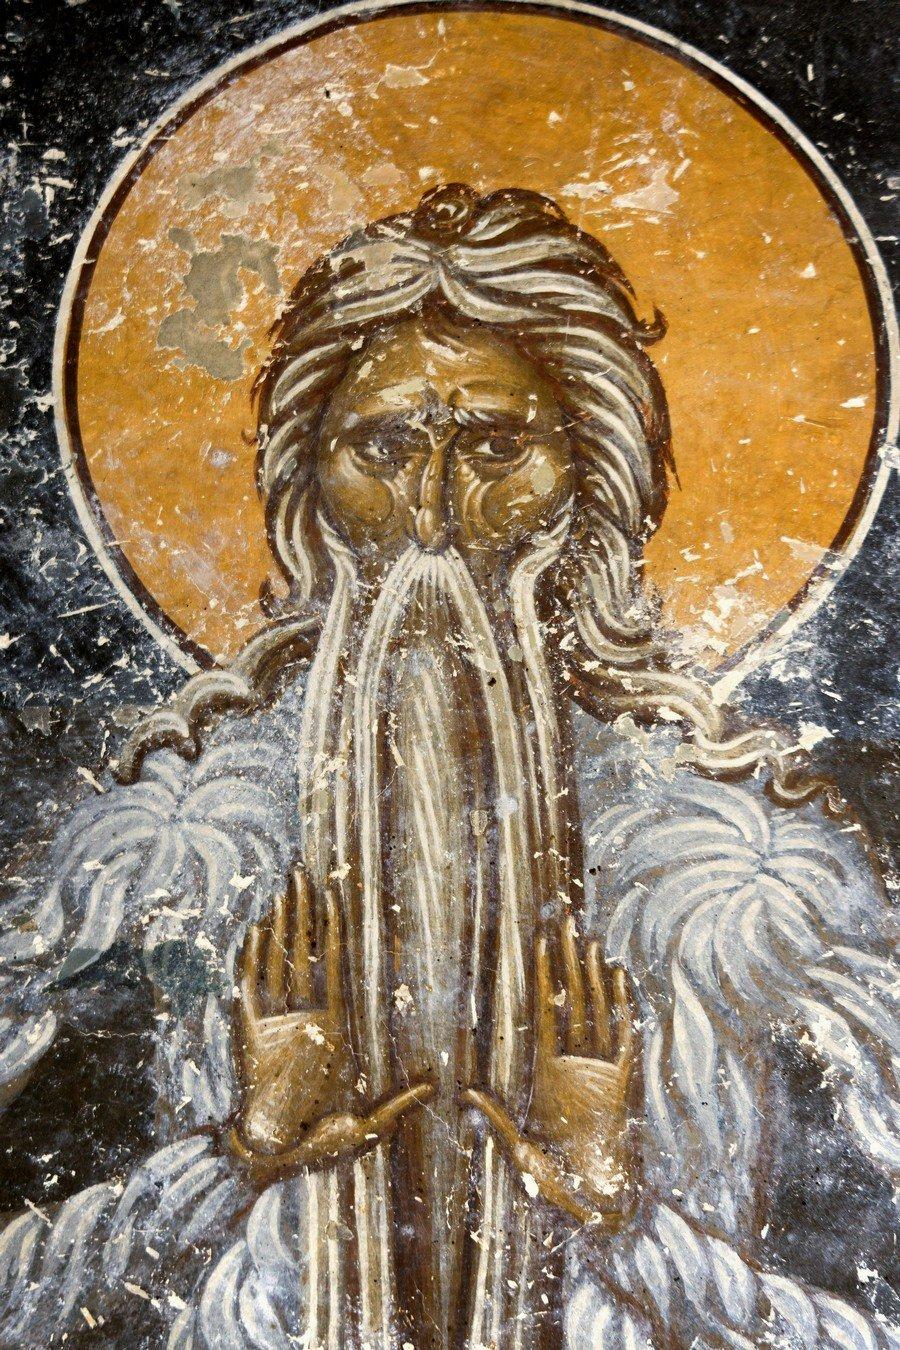 Святой Преподобный Макарий Великий, Египетский. Фреска церкви Преображения Господня в монастыре Зрзе, Македония. 1368 - 1369 годы.